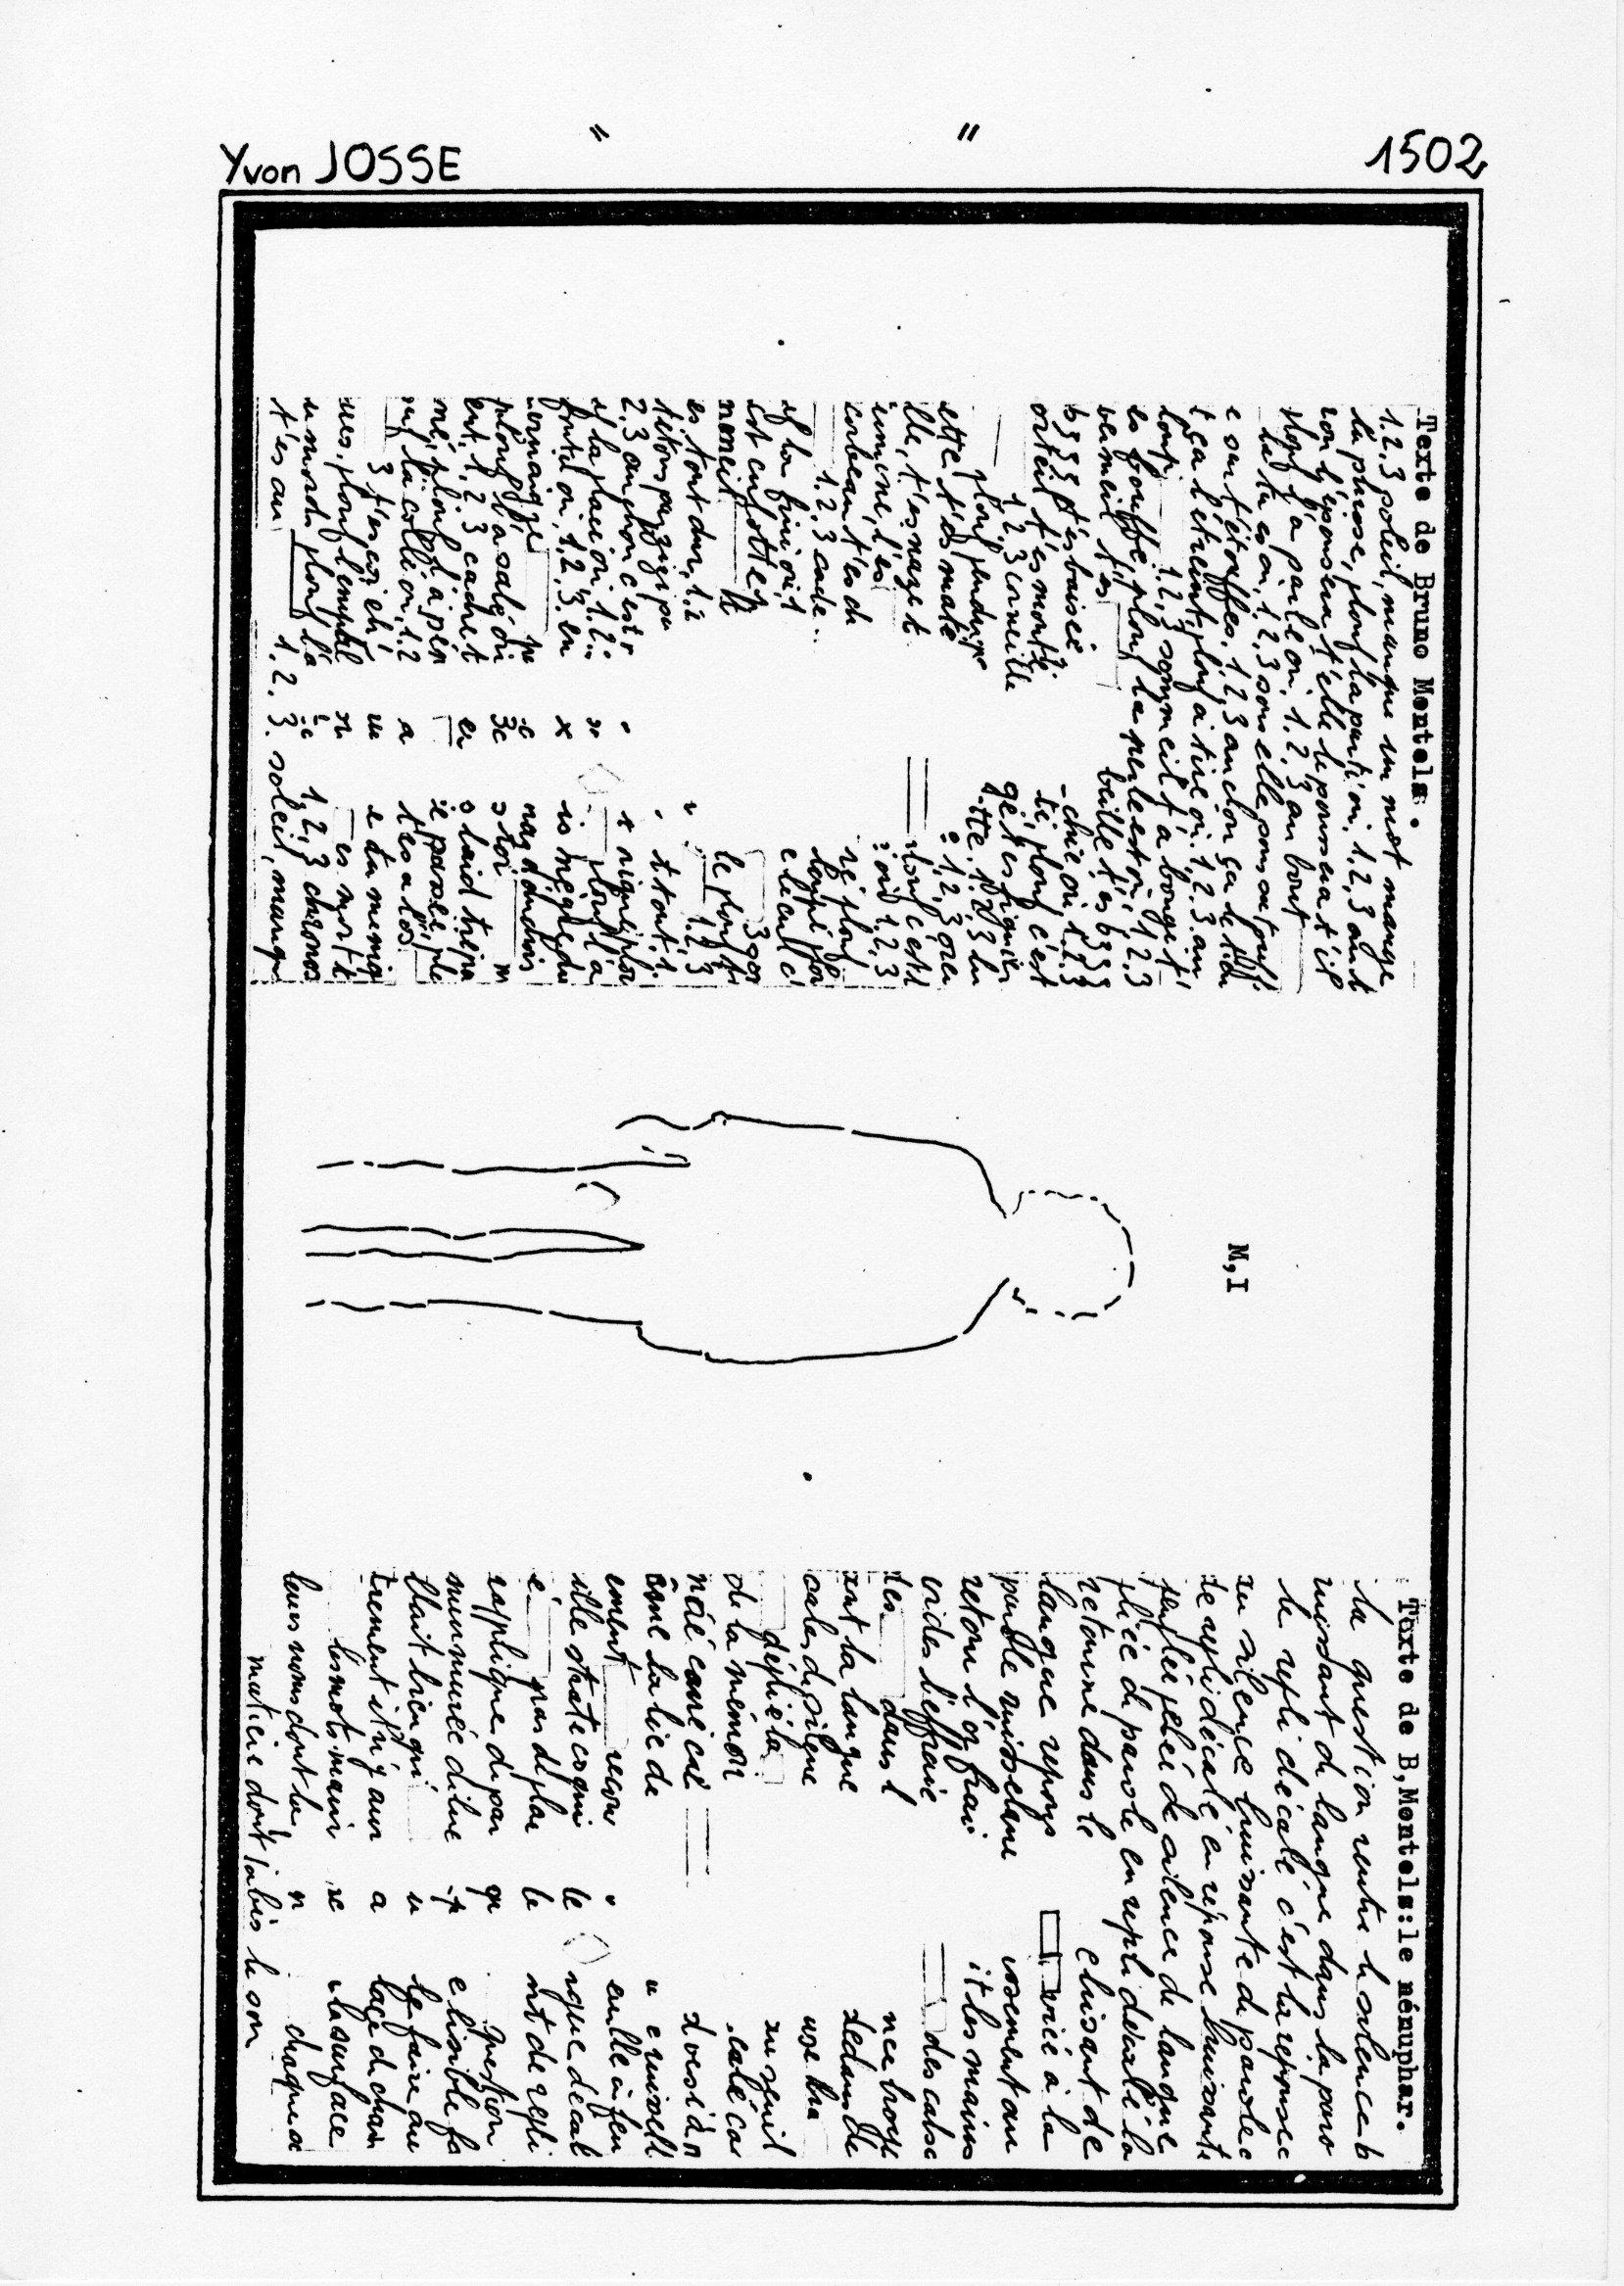 page 1502 Y. JOSSE SANS TITRE